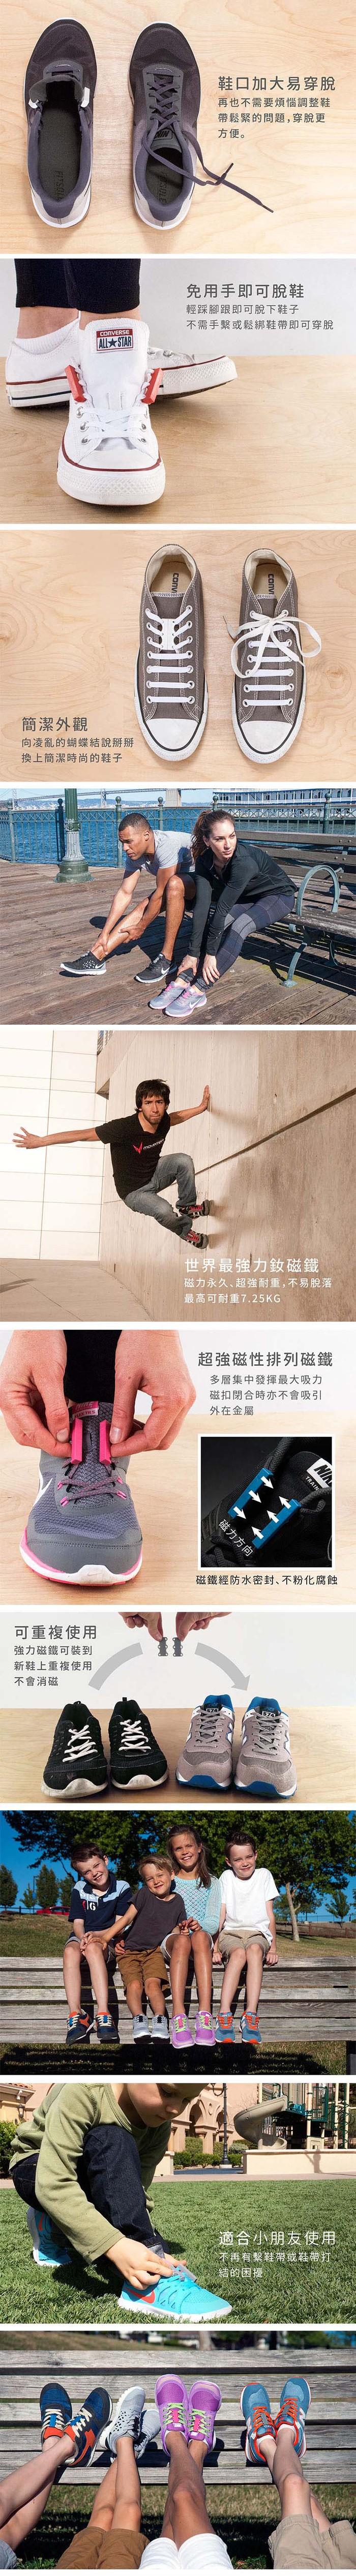 美國 Zubits│強磁鞋帶扣 1 號 - 純白